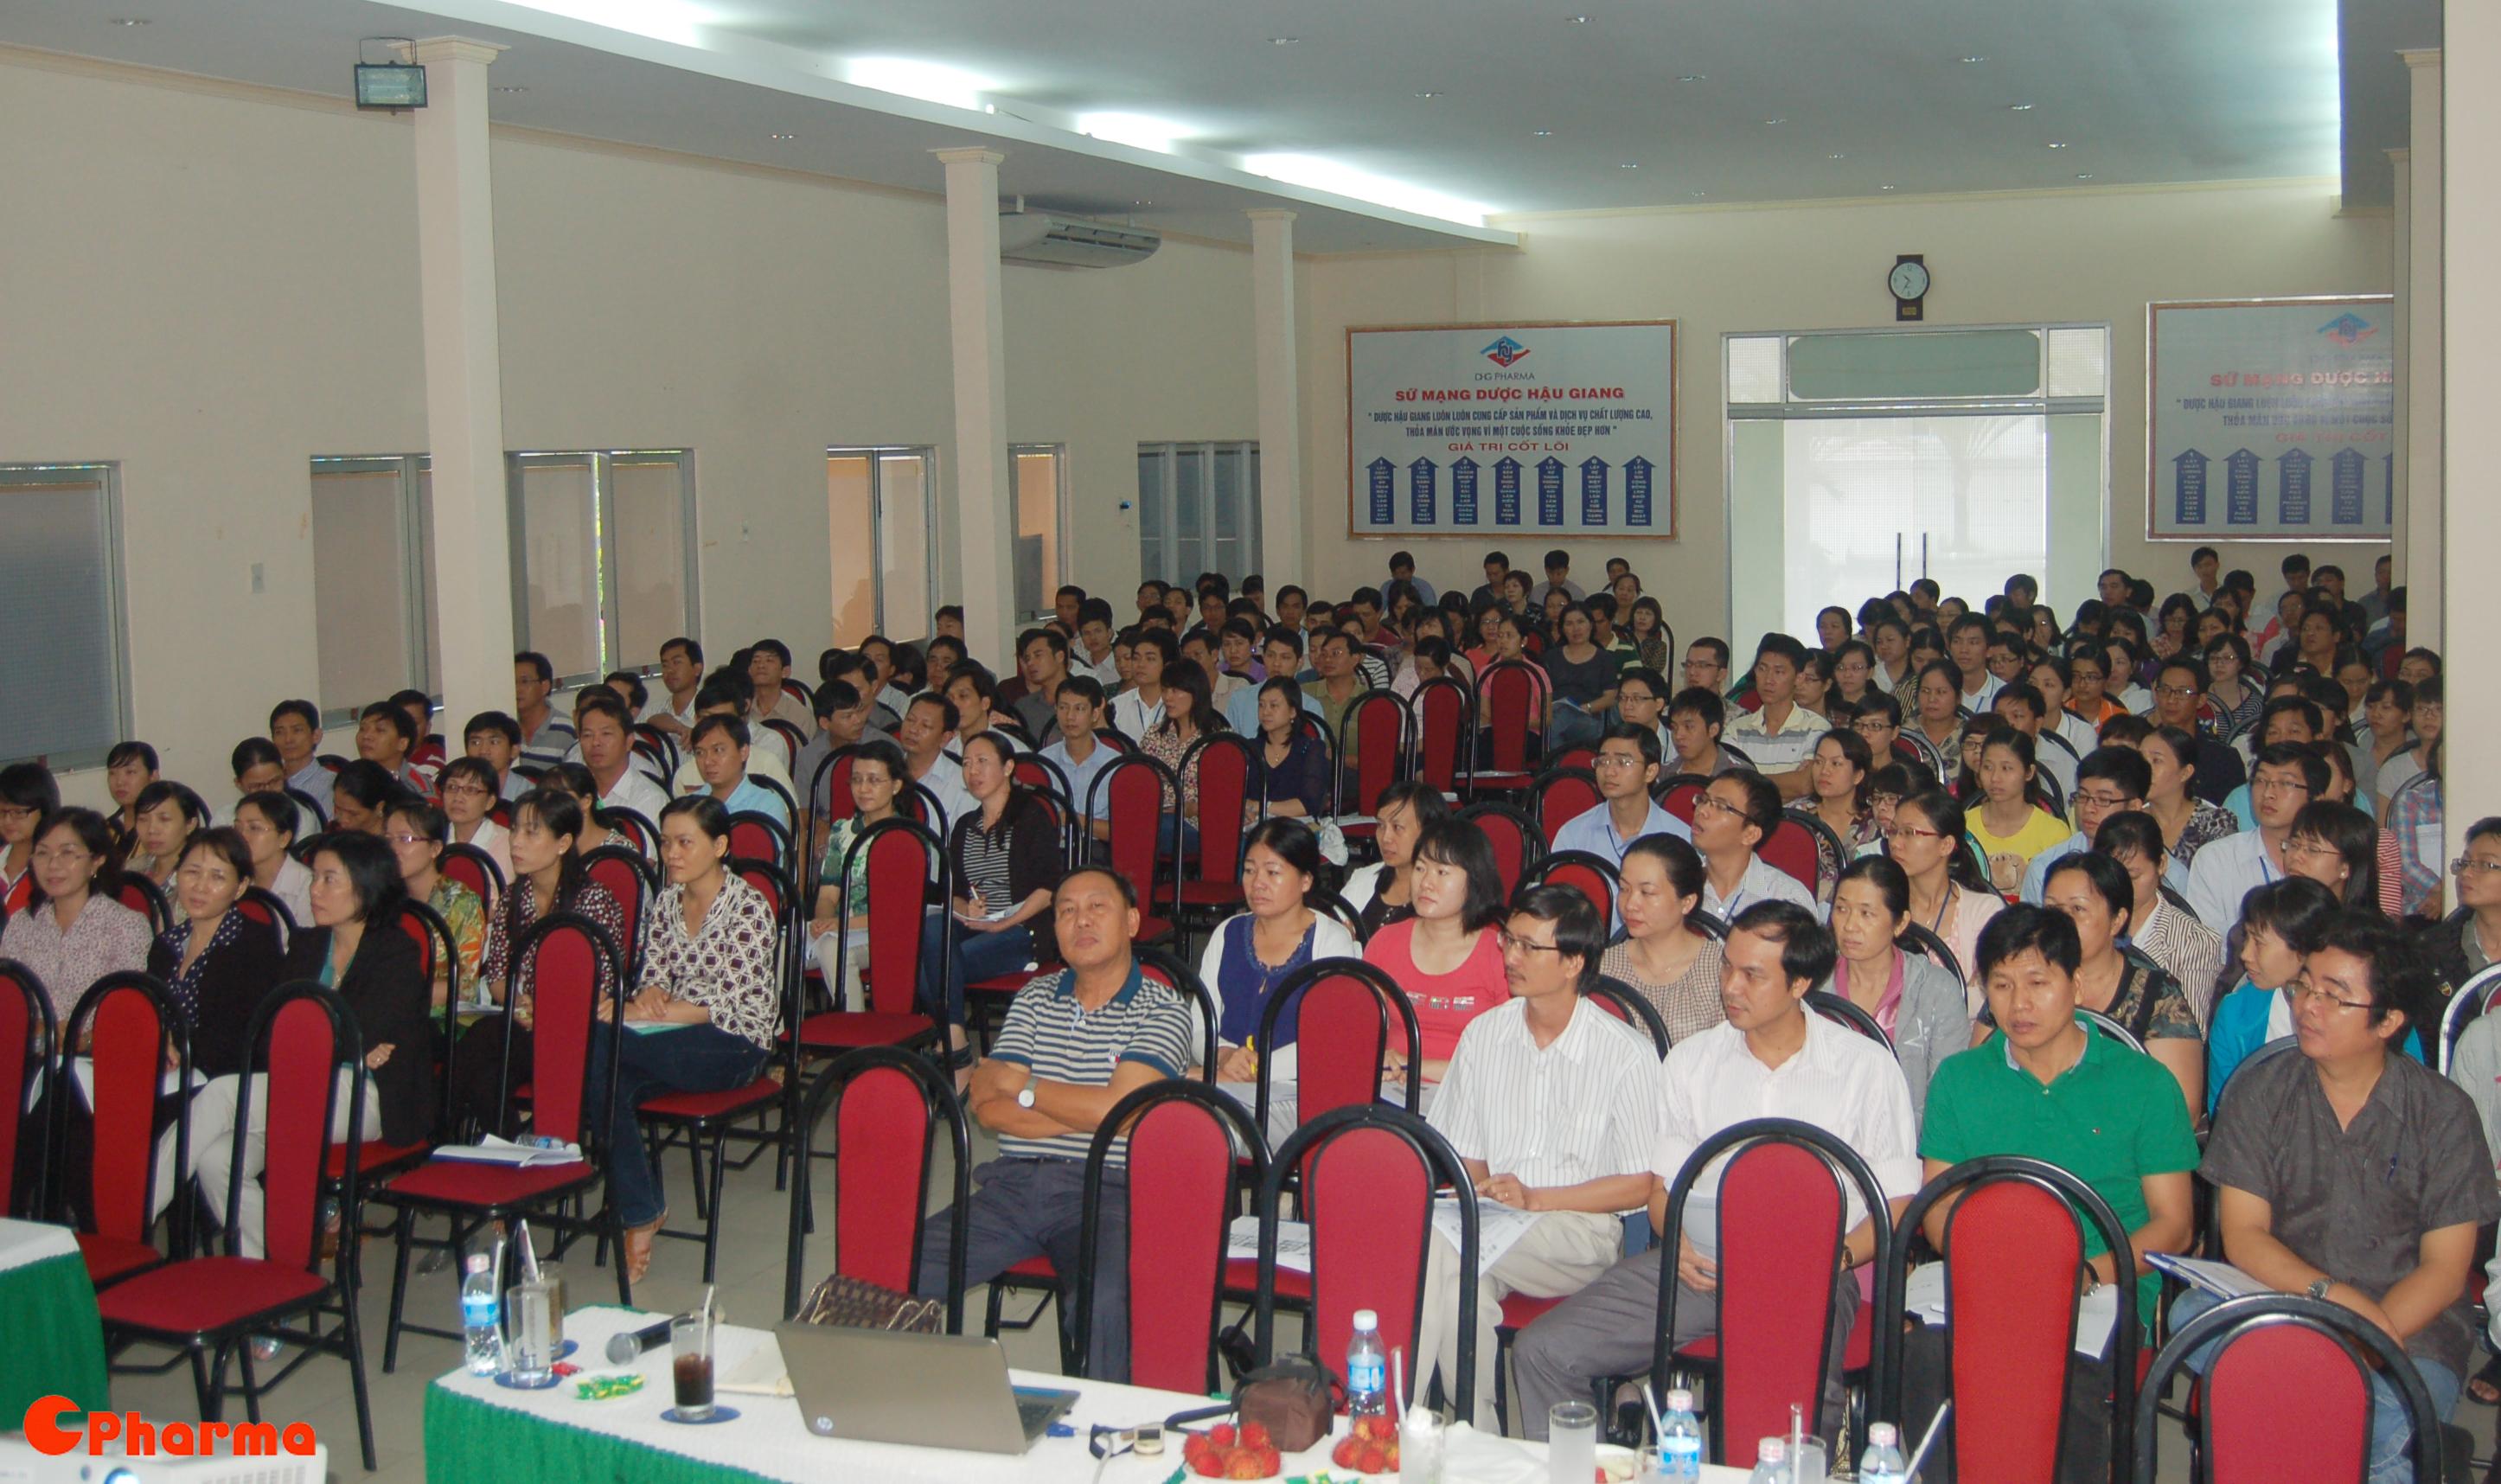 Hơn 200 cán bộ nhân viên DHG Pharma tham gia khóa huấn luyện GMP